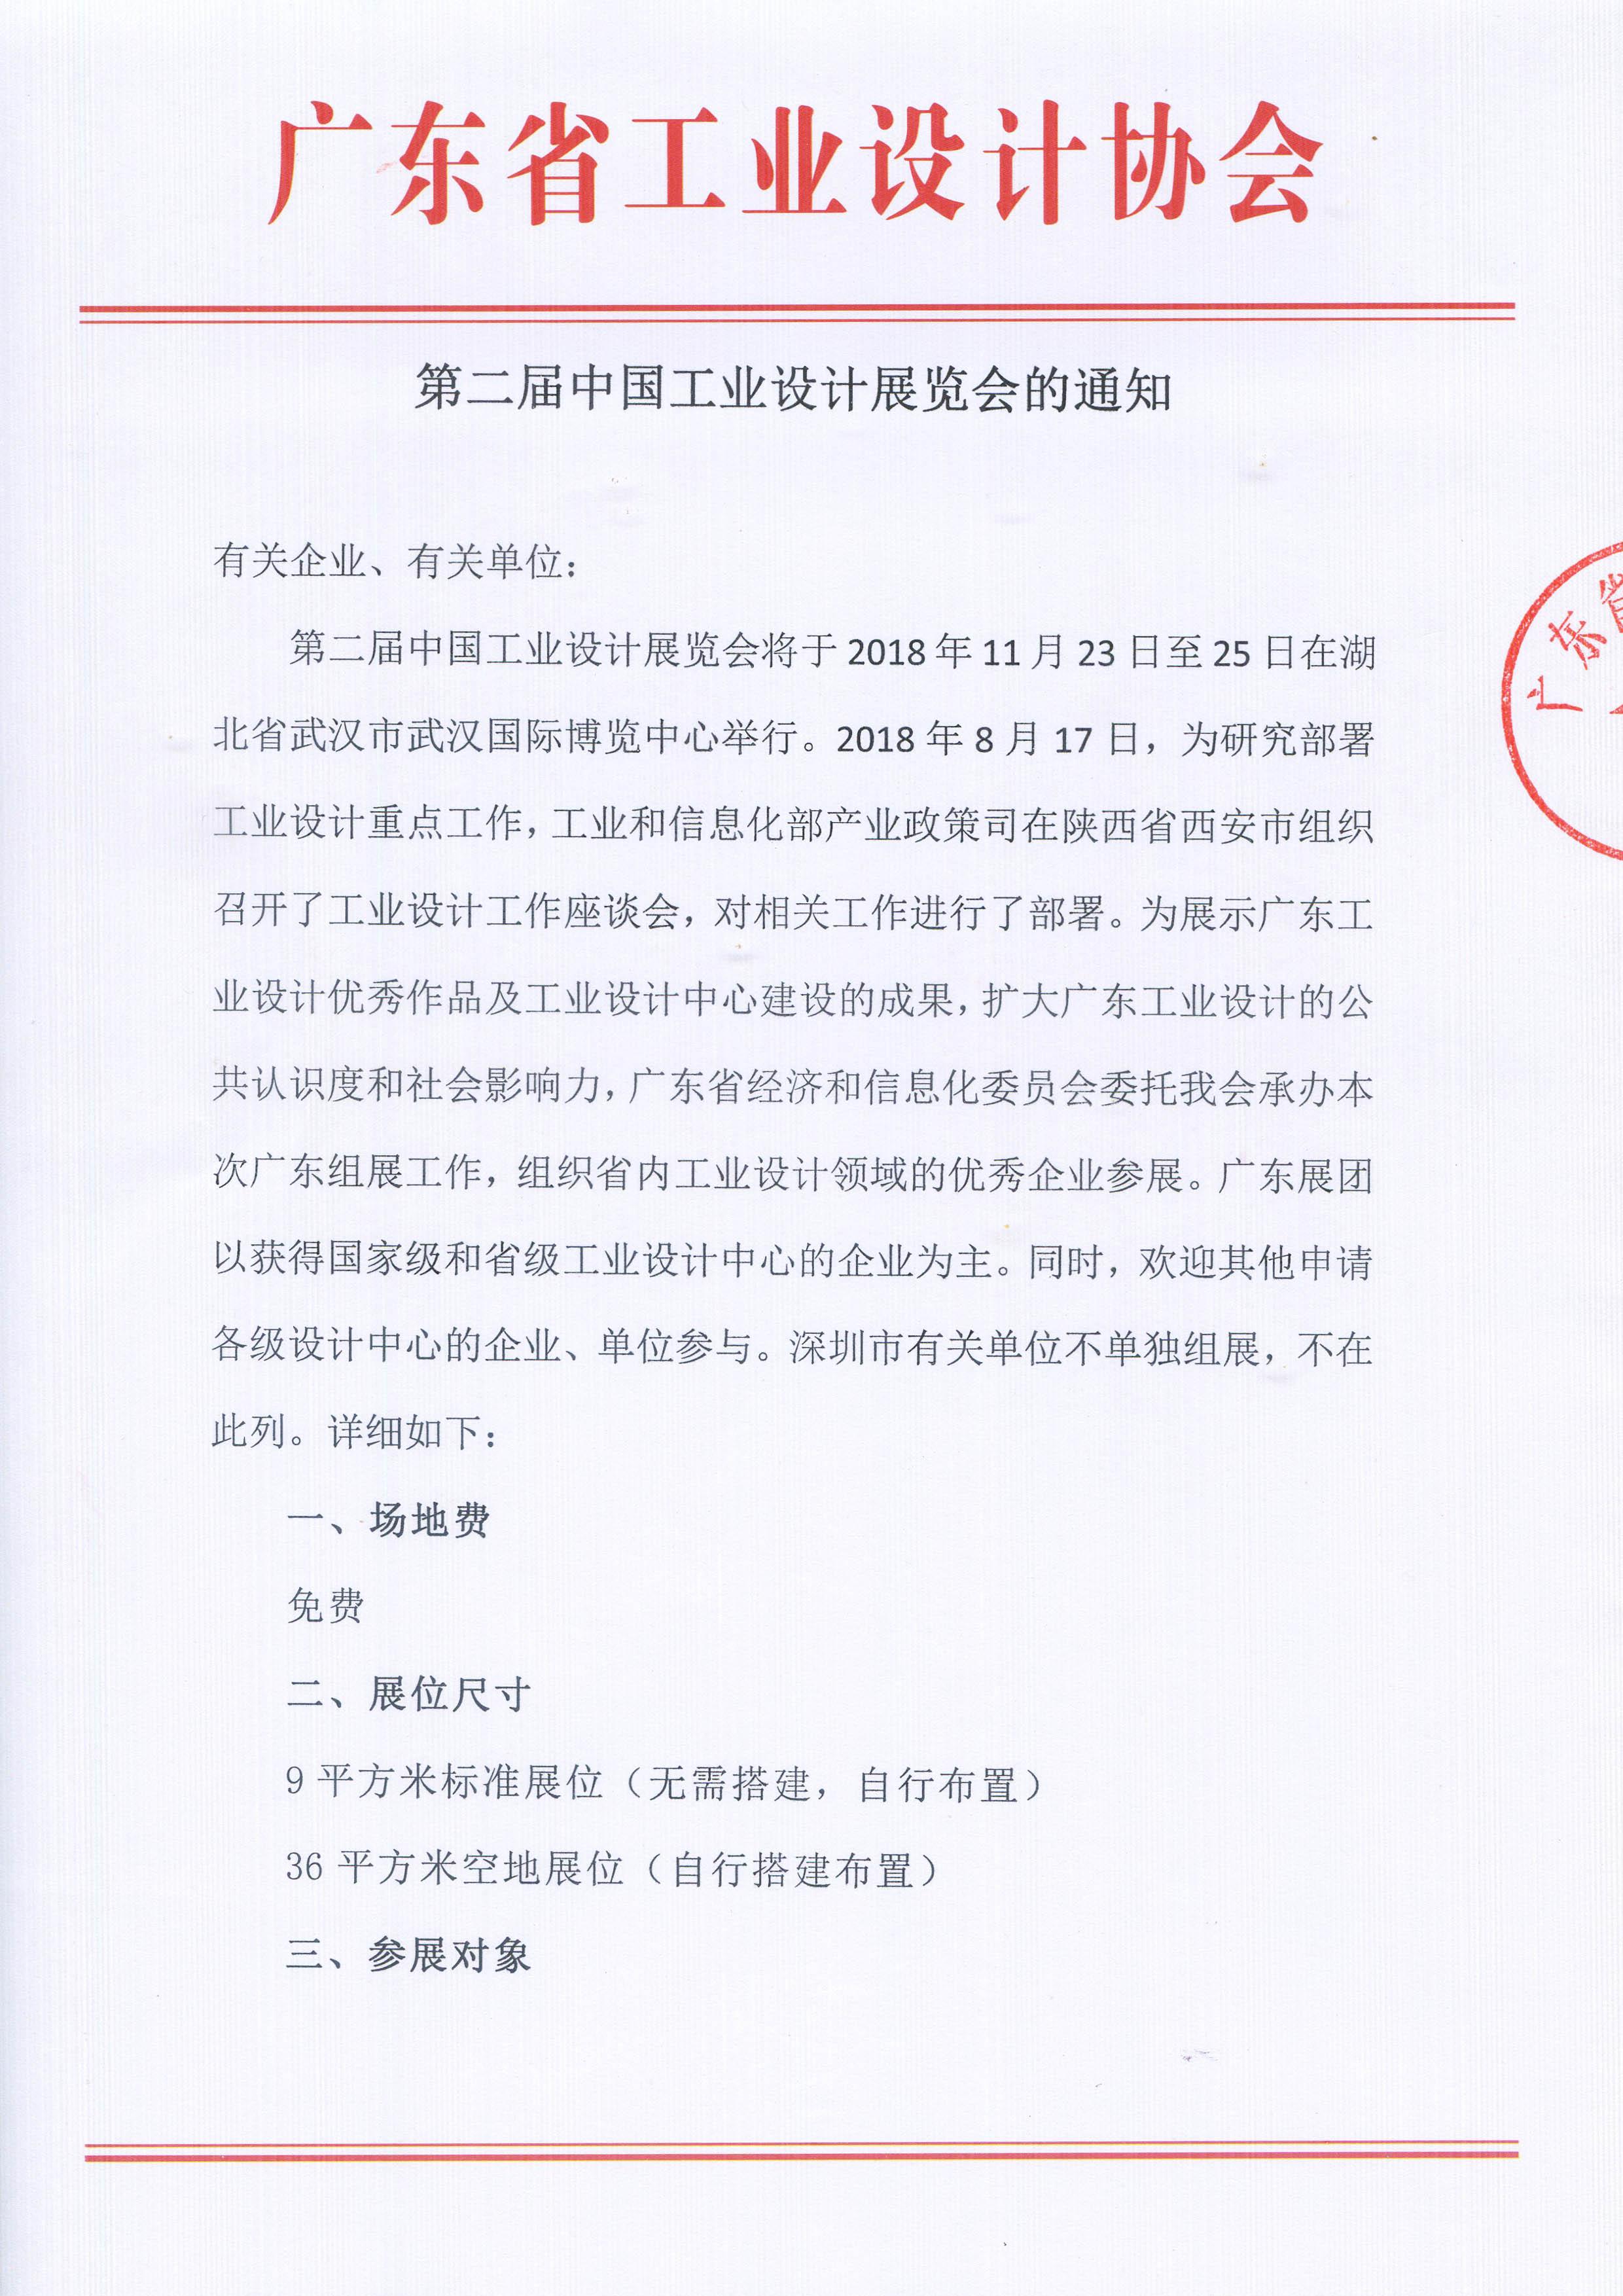 关于组织参加第二届中国工业设计展览会的通知